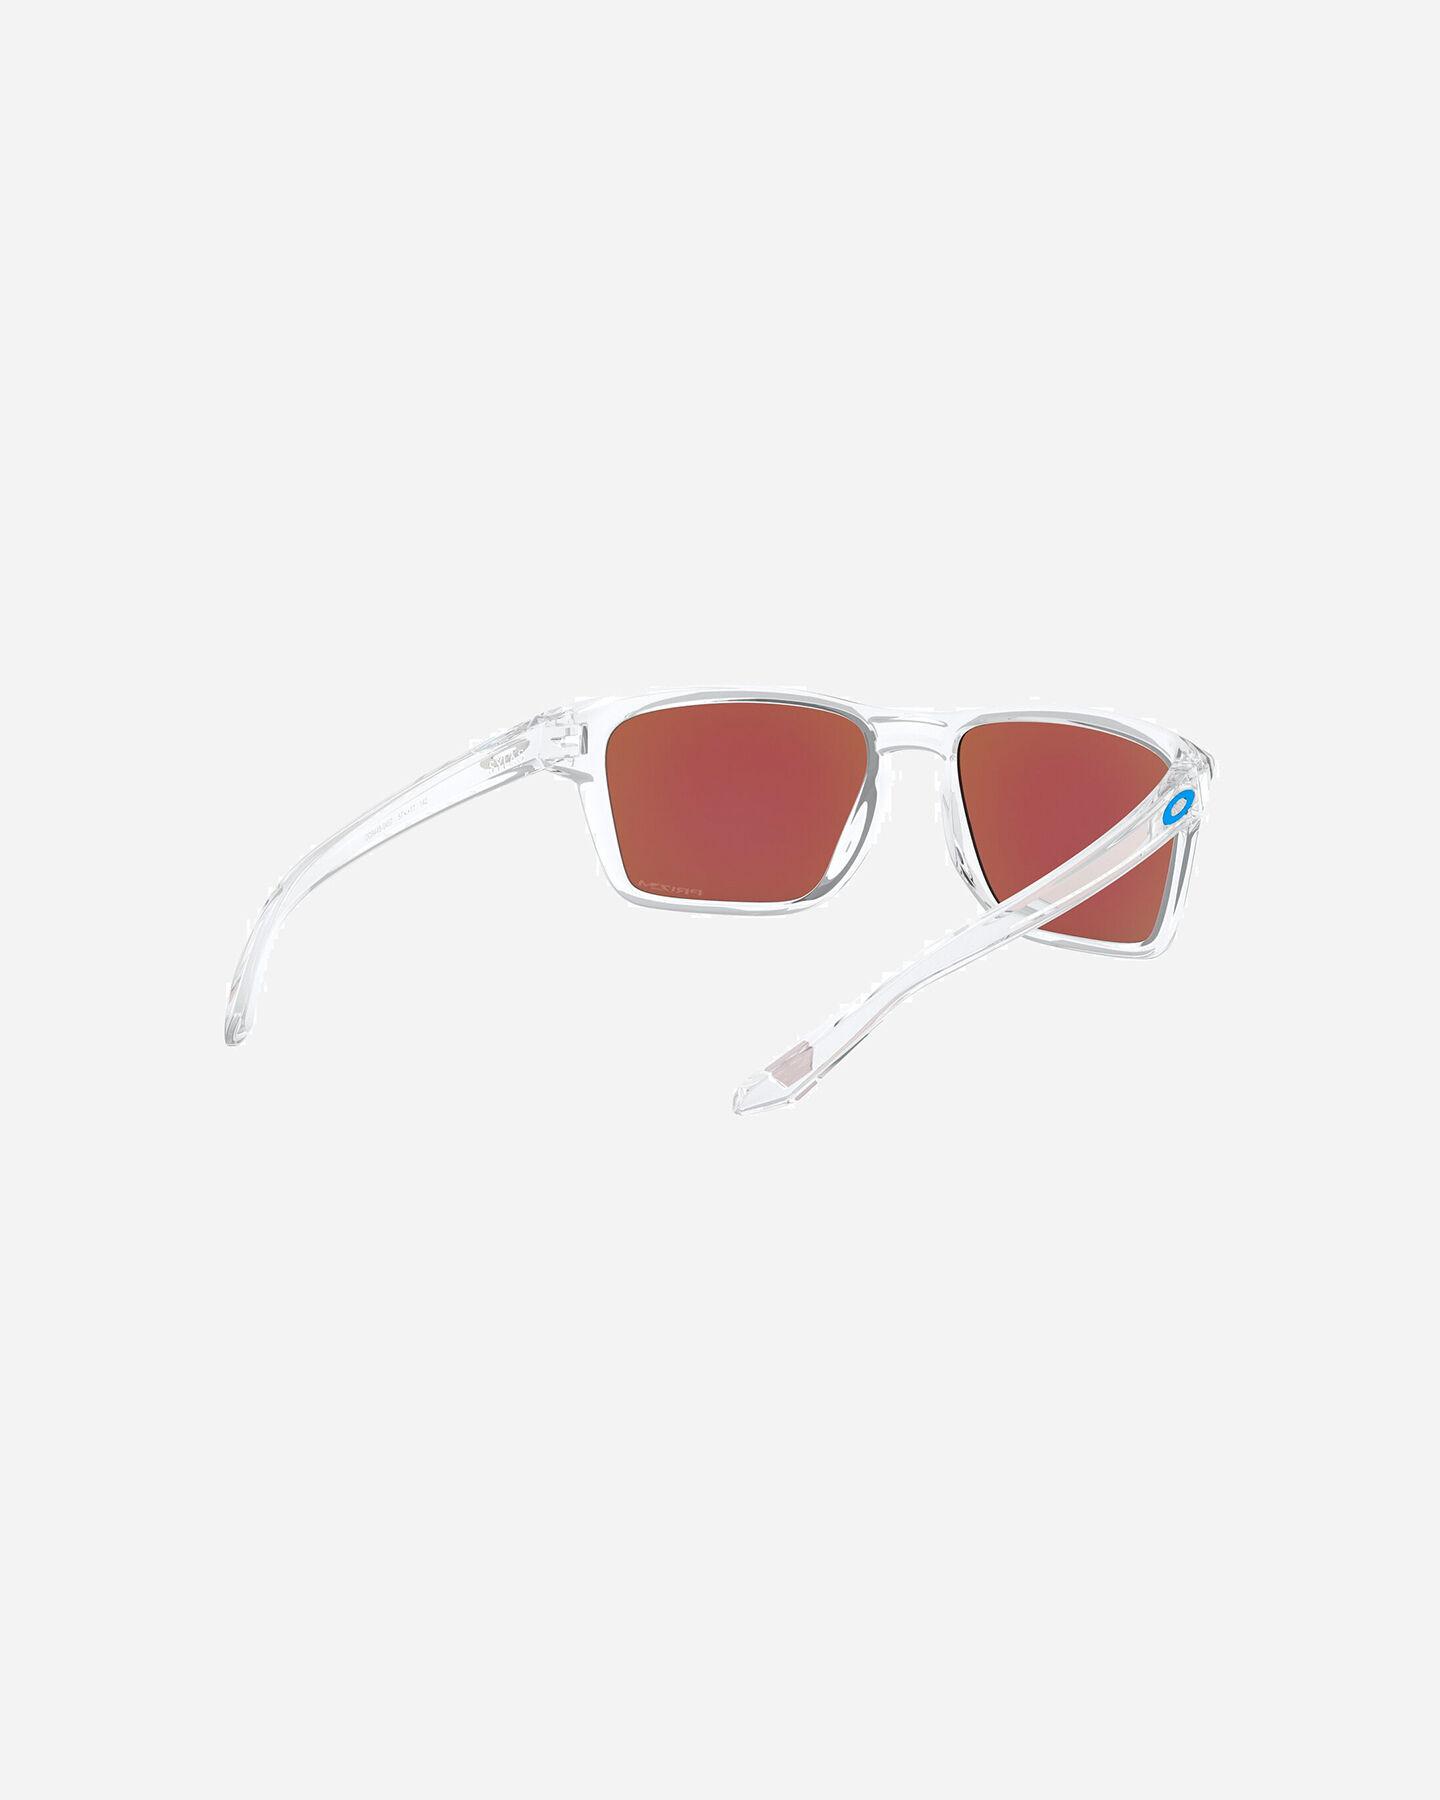 Occhiali OAKLEY SYLAS S5221236|0457|57 scatto 2